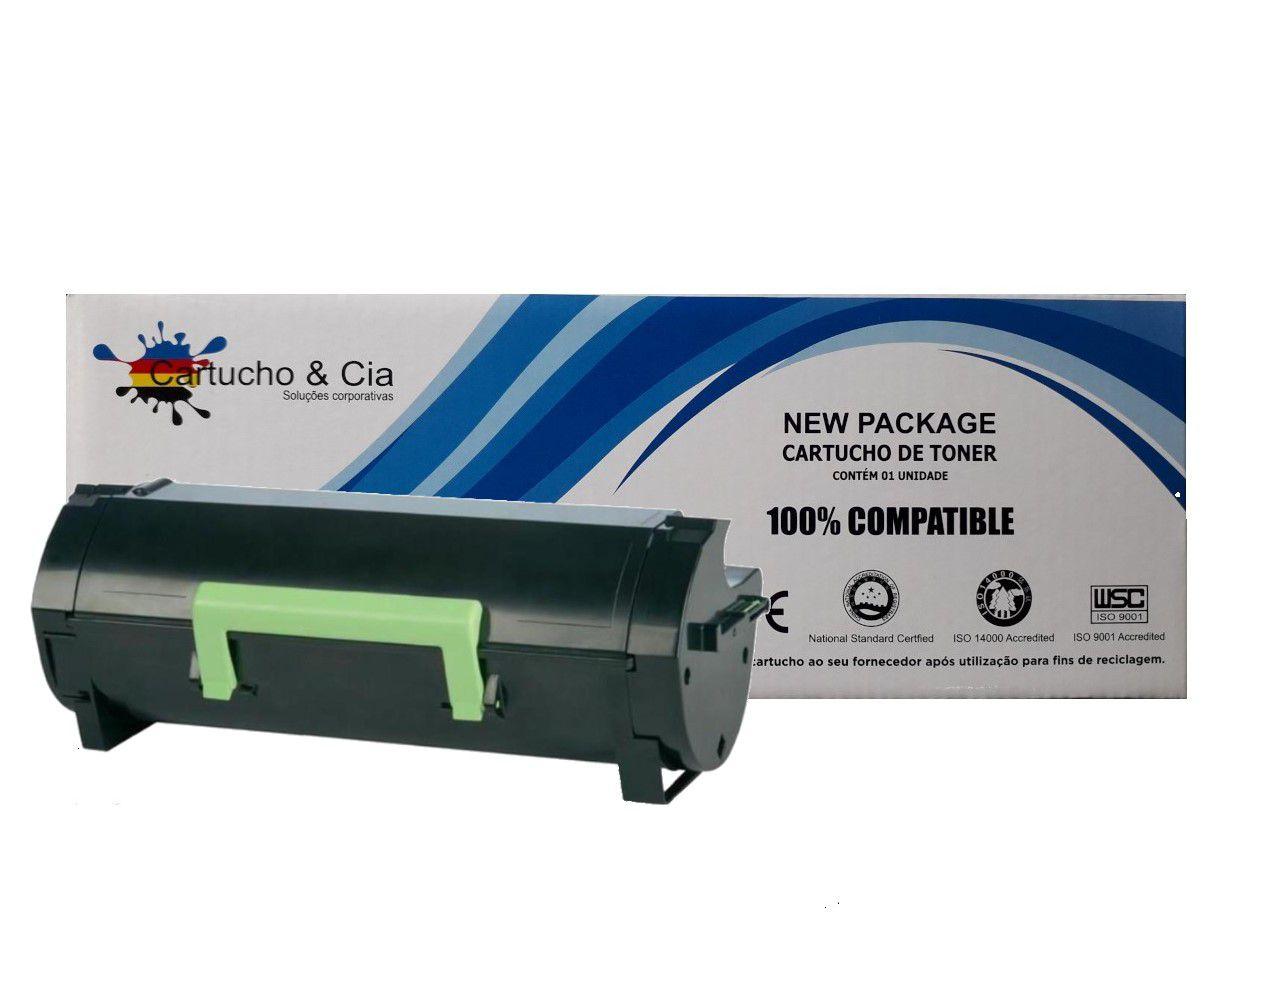 Toner Compatível com Lexmark [50F4U00] MS510/MS610 S/A  20.000 Páginas - Cartucho & Cia.